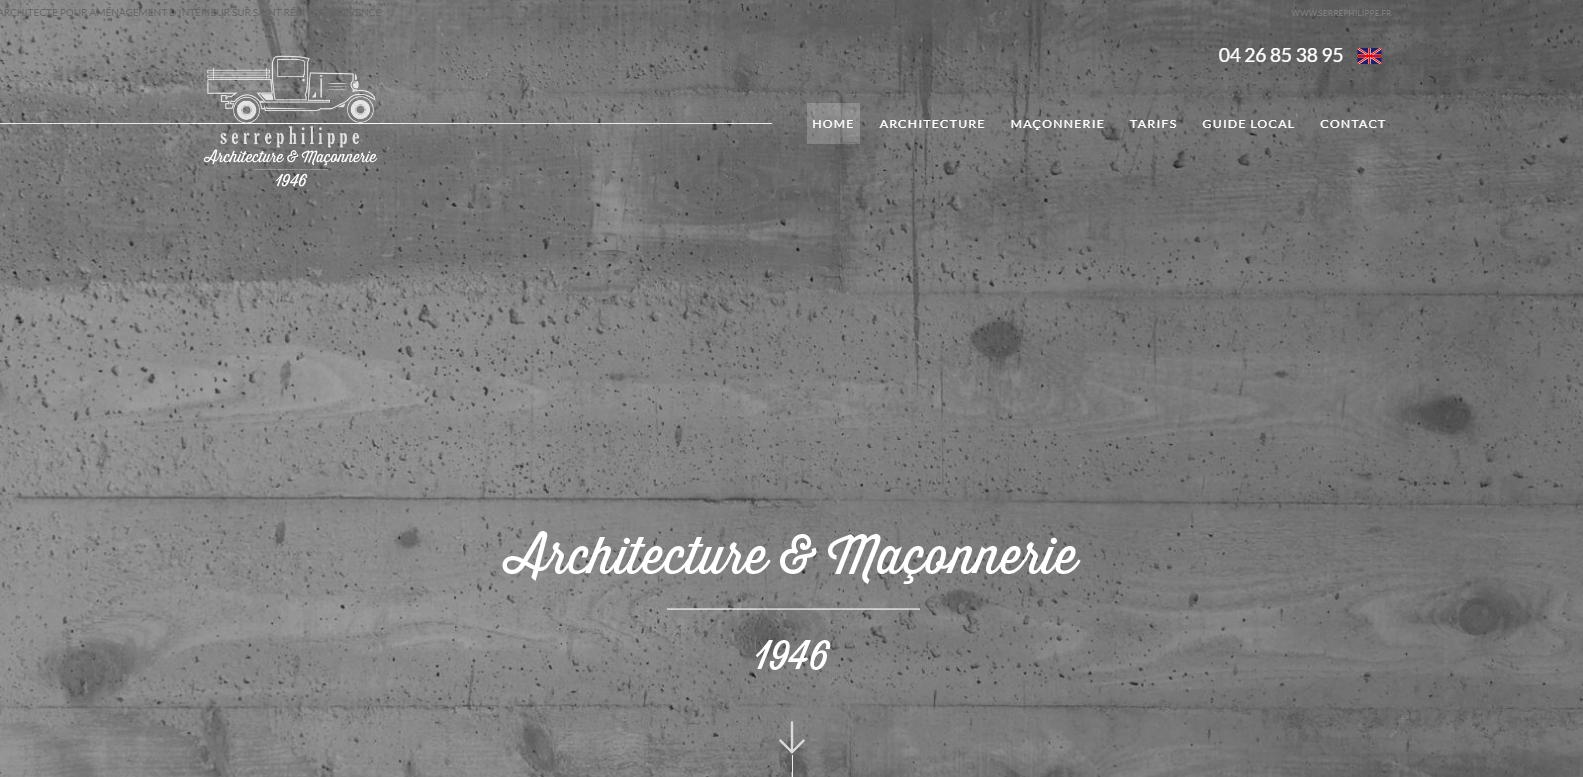 Entreprise De Maçonnerie Aix En Provence architecture et maçonnerie sur aix-en-provence - philippe